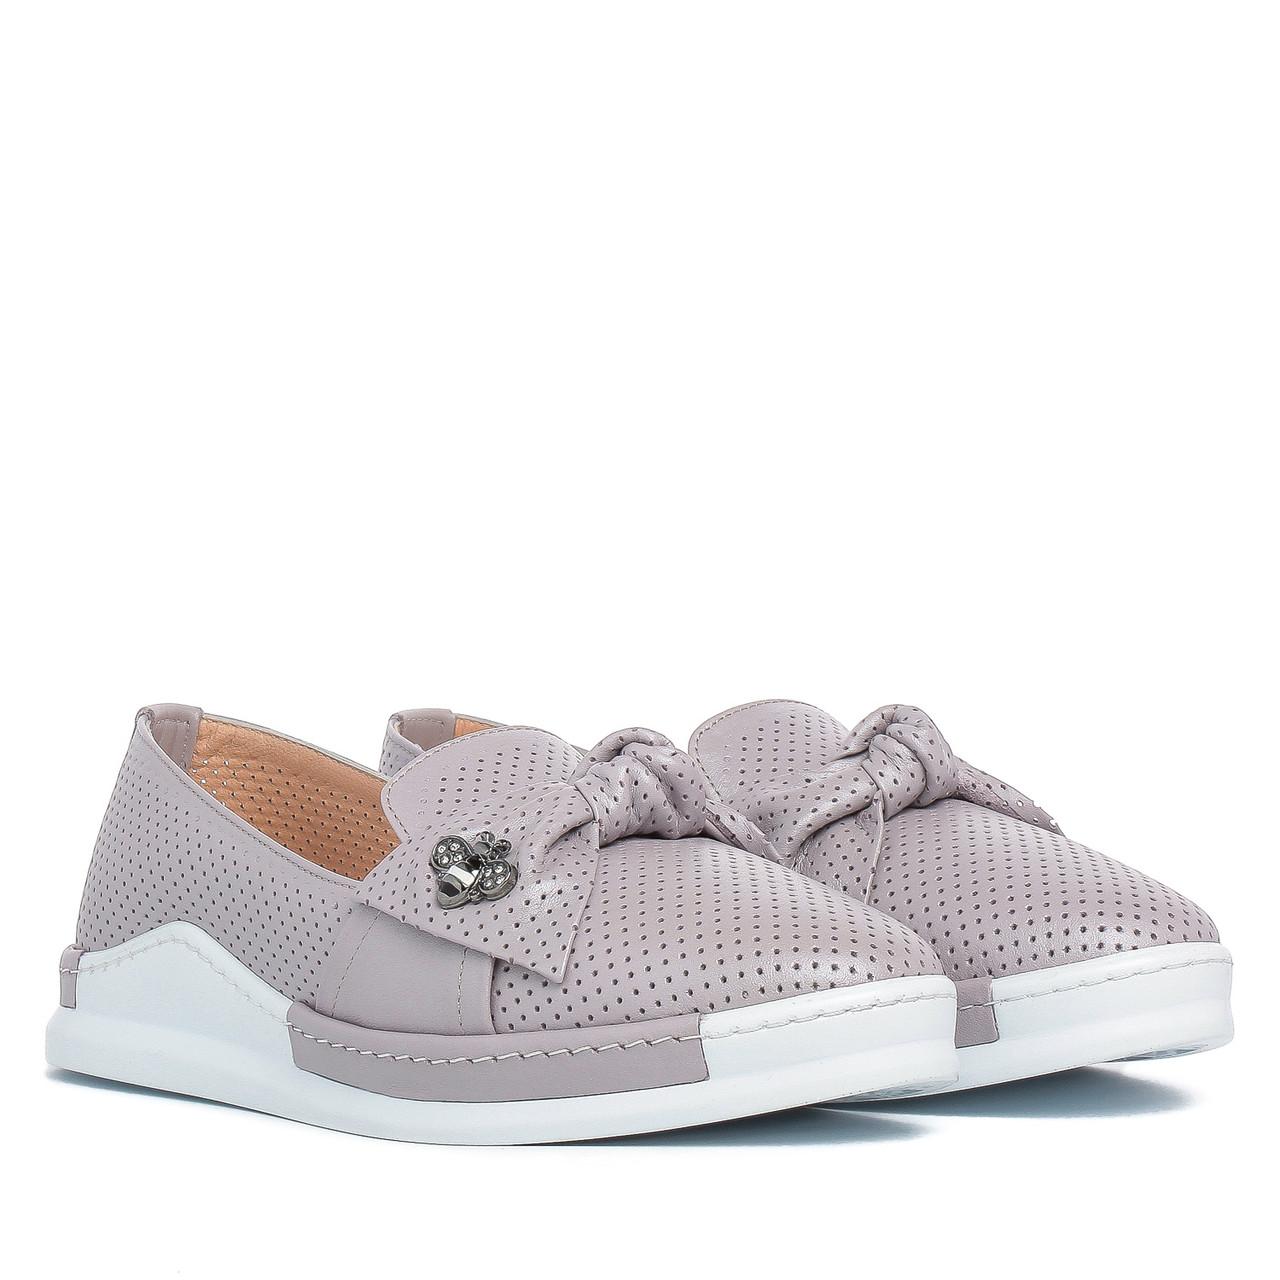 Туфли женские EVROMODA (натуральные, нежный оттенок, модные, летние)